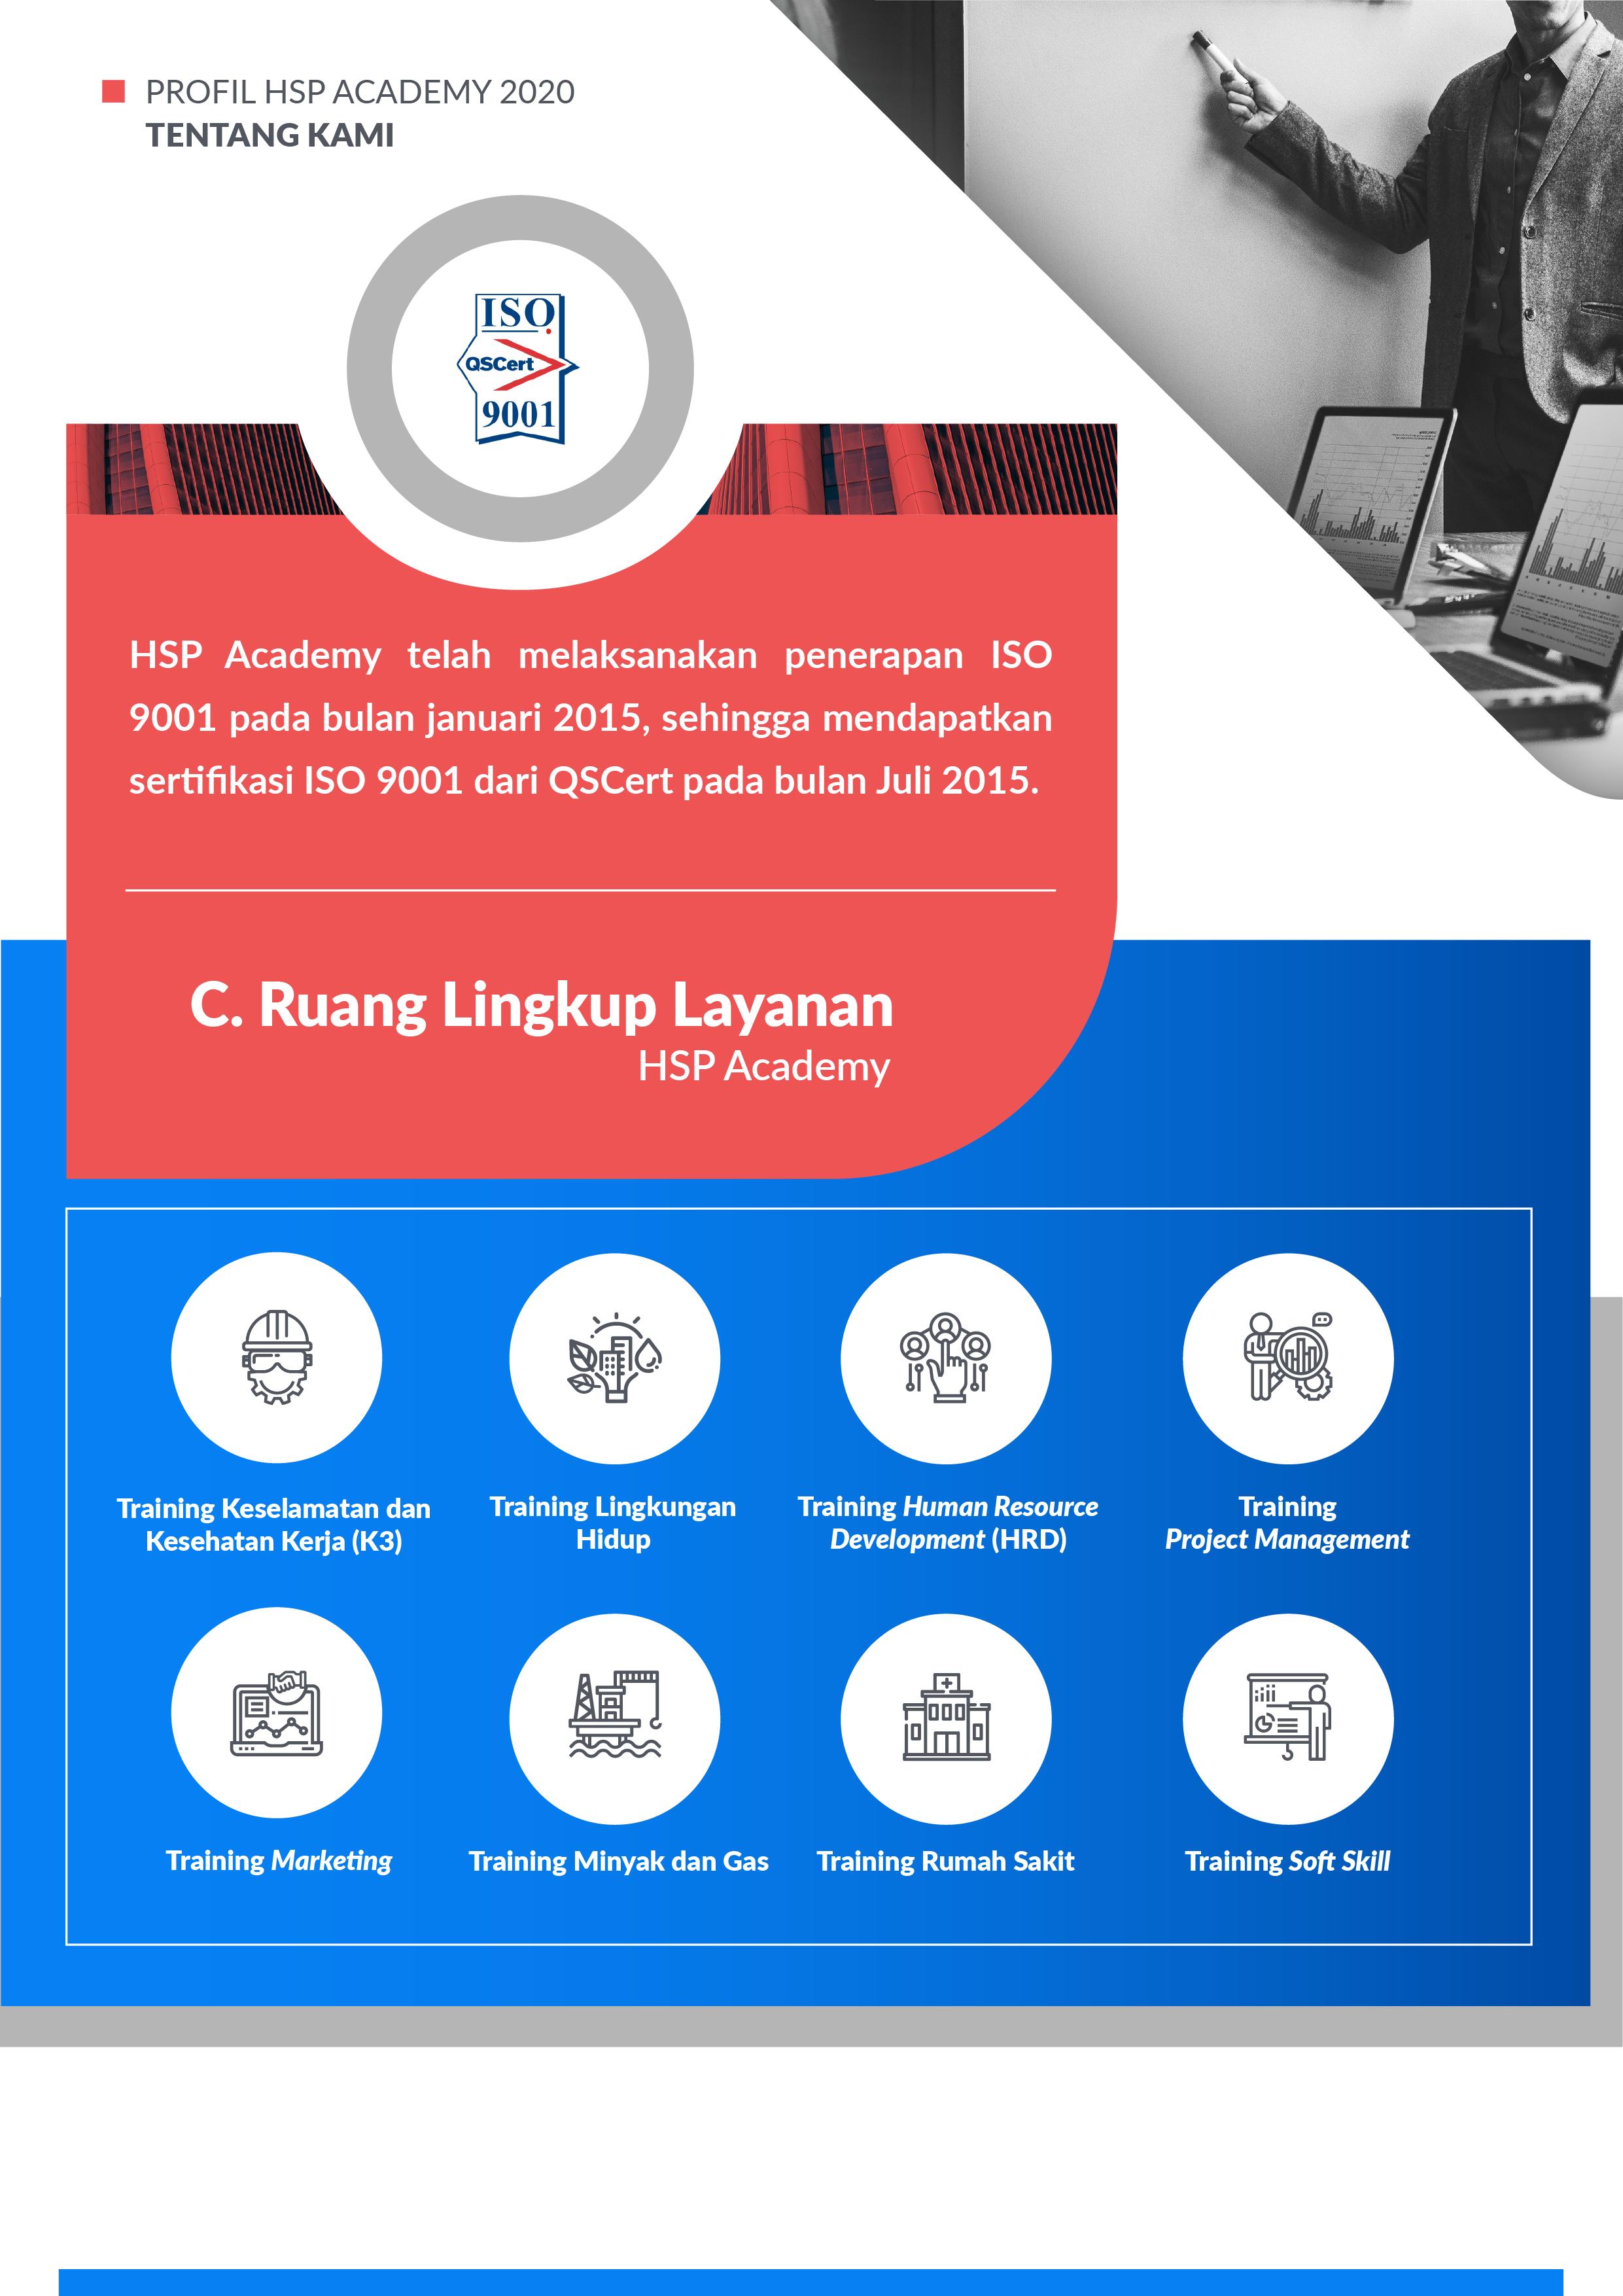 Profil Perusahaan HSP Academy 2020 - Bagian 1-07